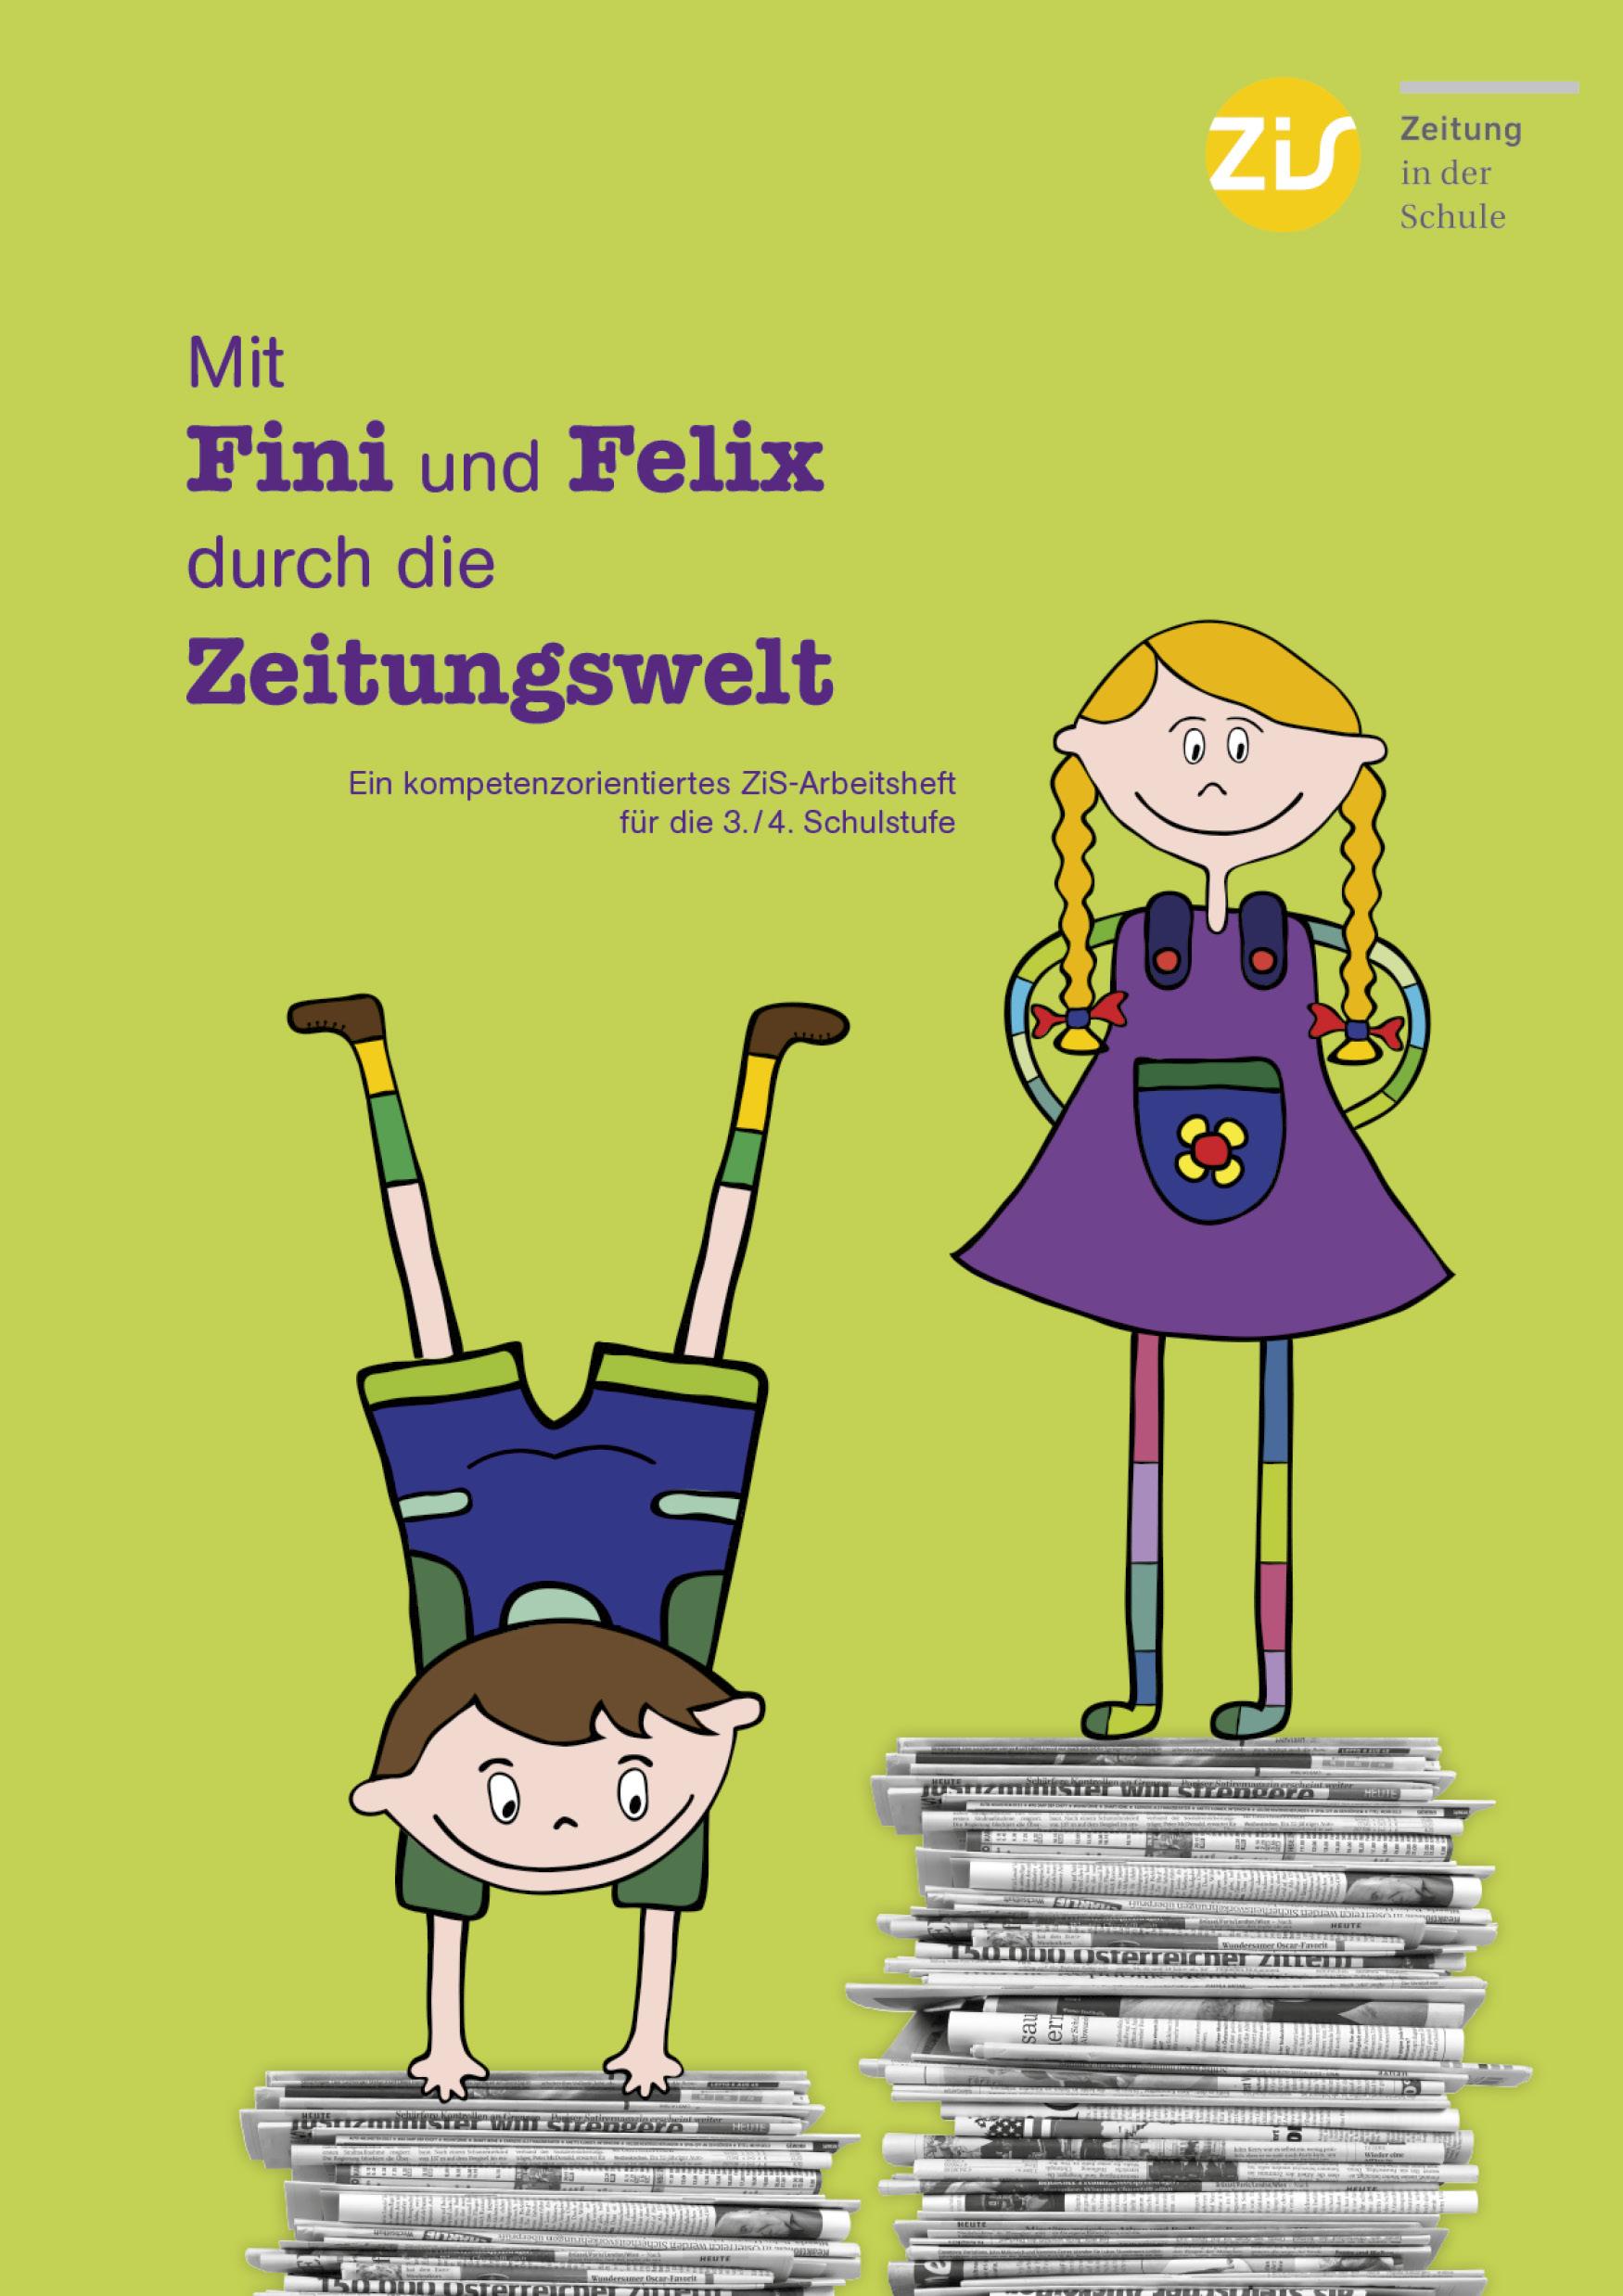 Mit Fini und Felix durch die Zeitungswelt